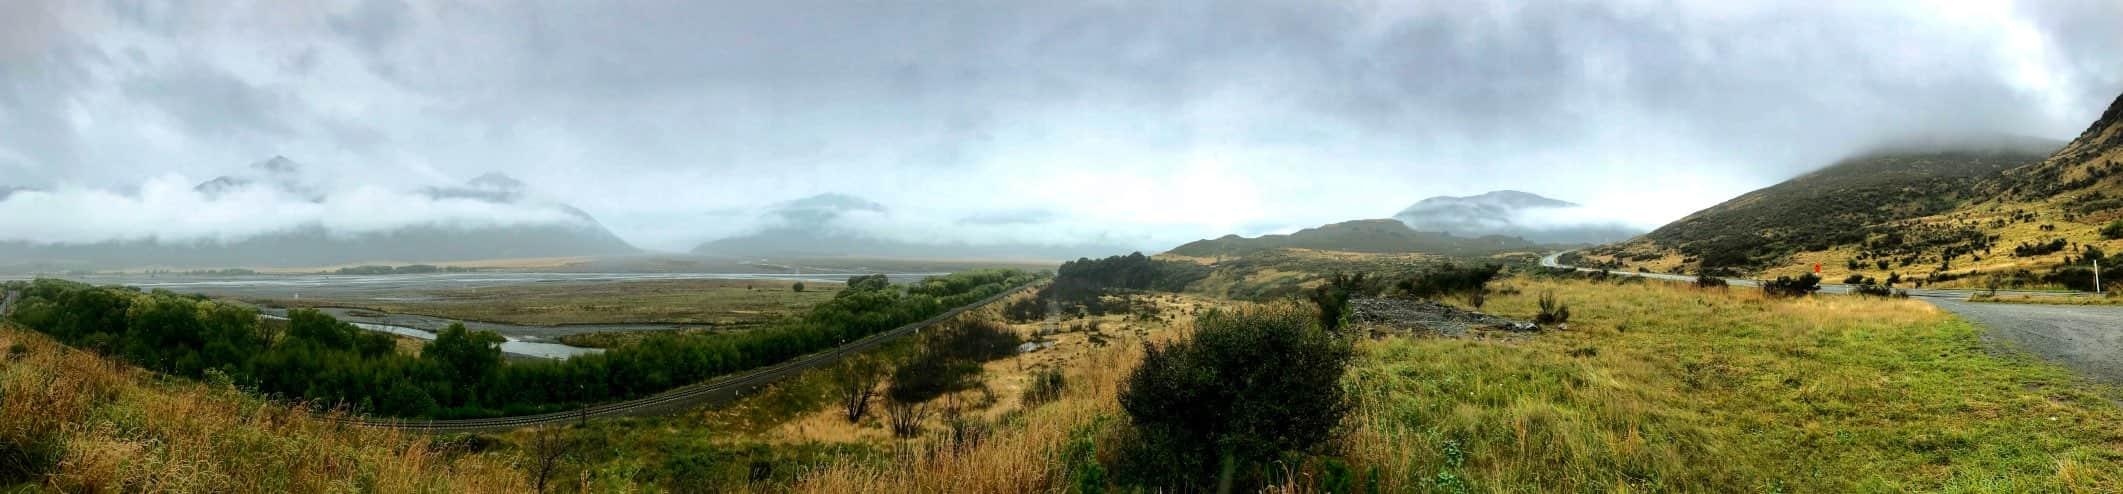 Arthurs-Pass-Panorama-View-Iphone-7